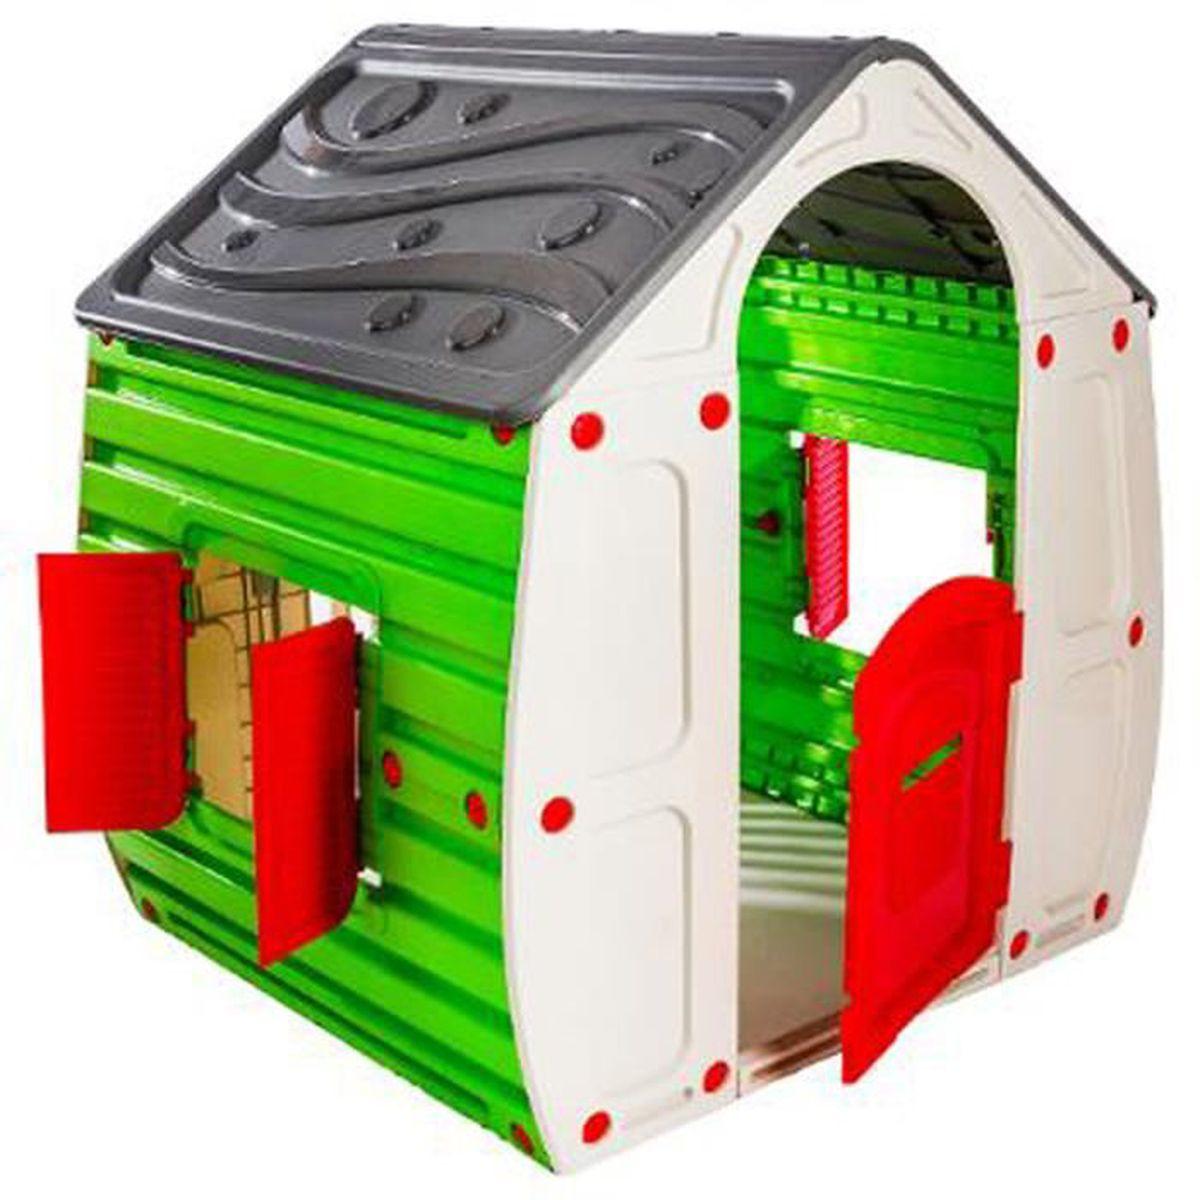 Maison Pour Enfant Exterieur maison magique pour enfants en polypropylène - dim : 102 x 90 x 109 cm